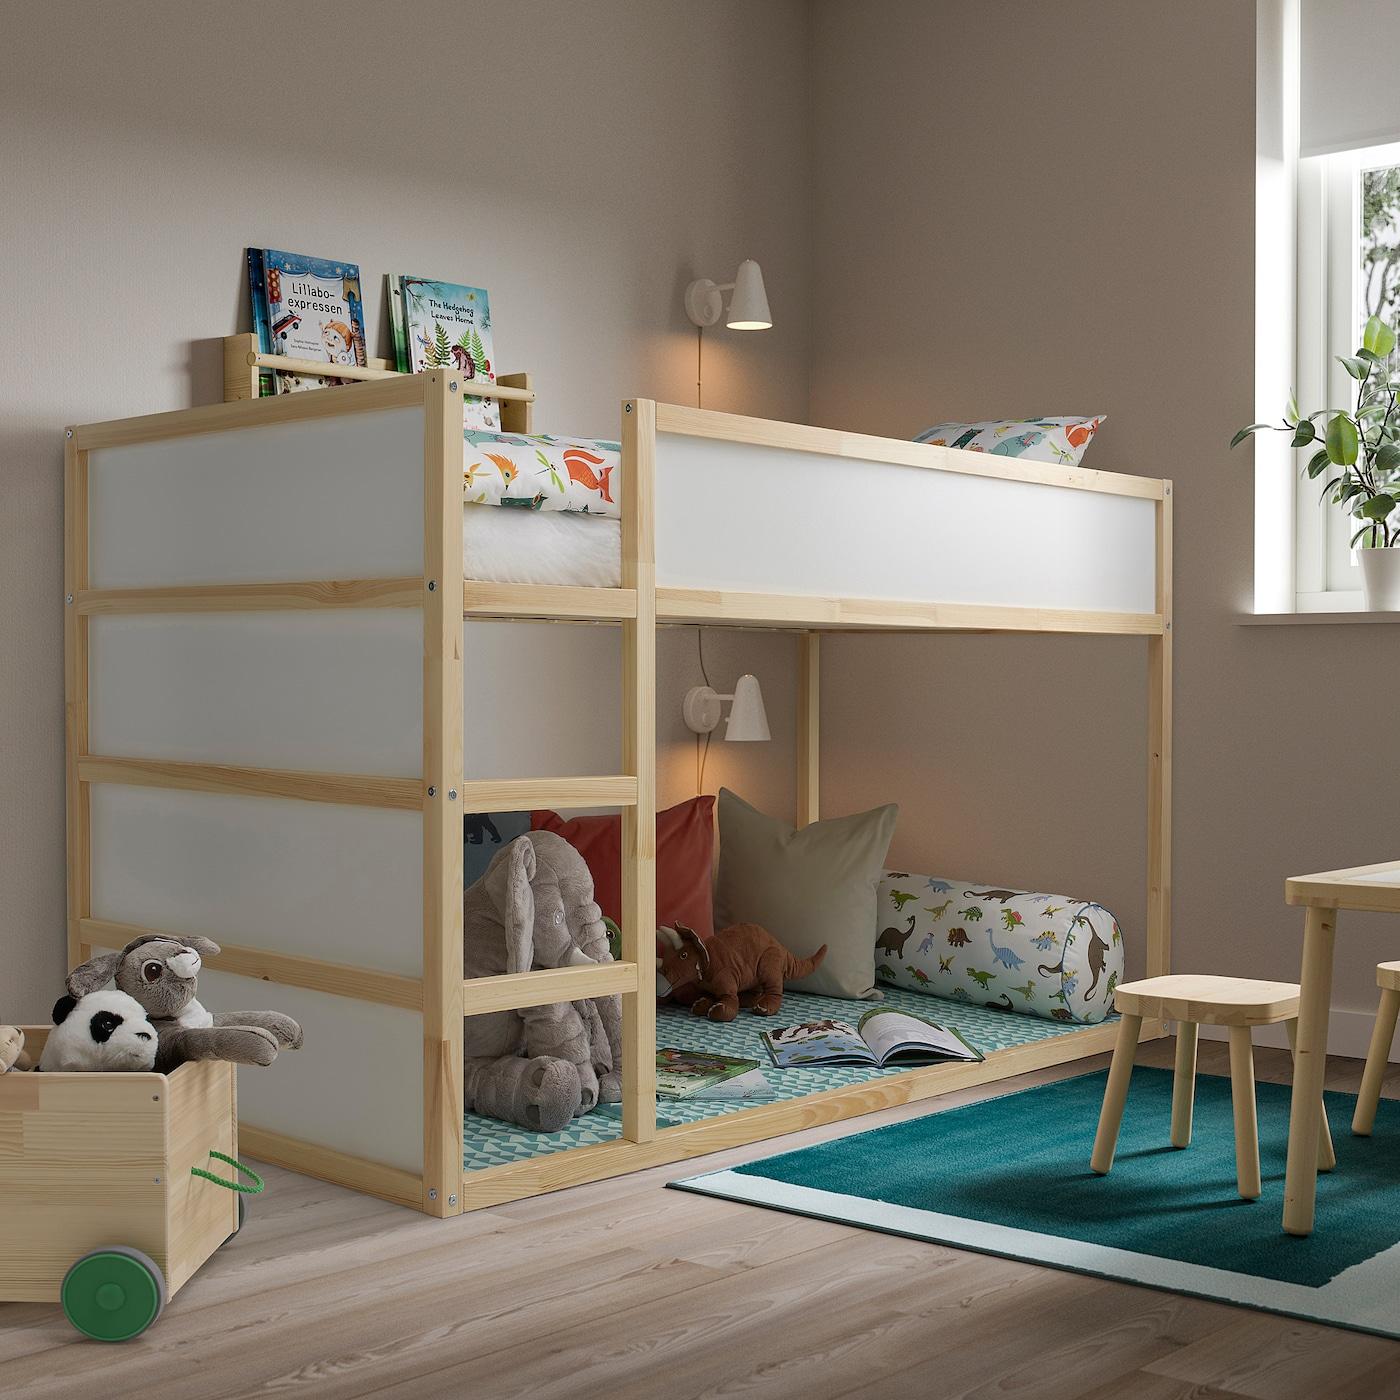 Bankkamrat Cuscino Per Panca Turchese 90x50x3 Cm Ikea It